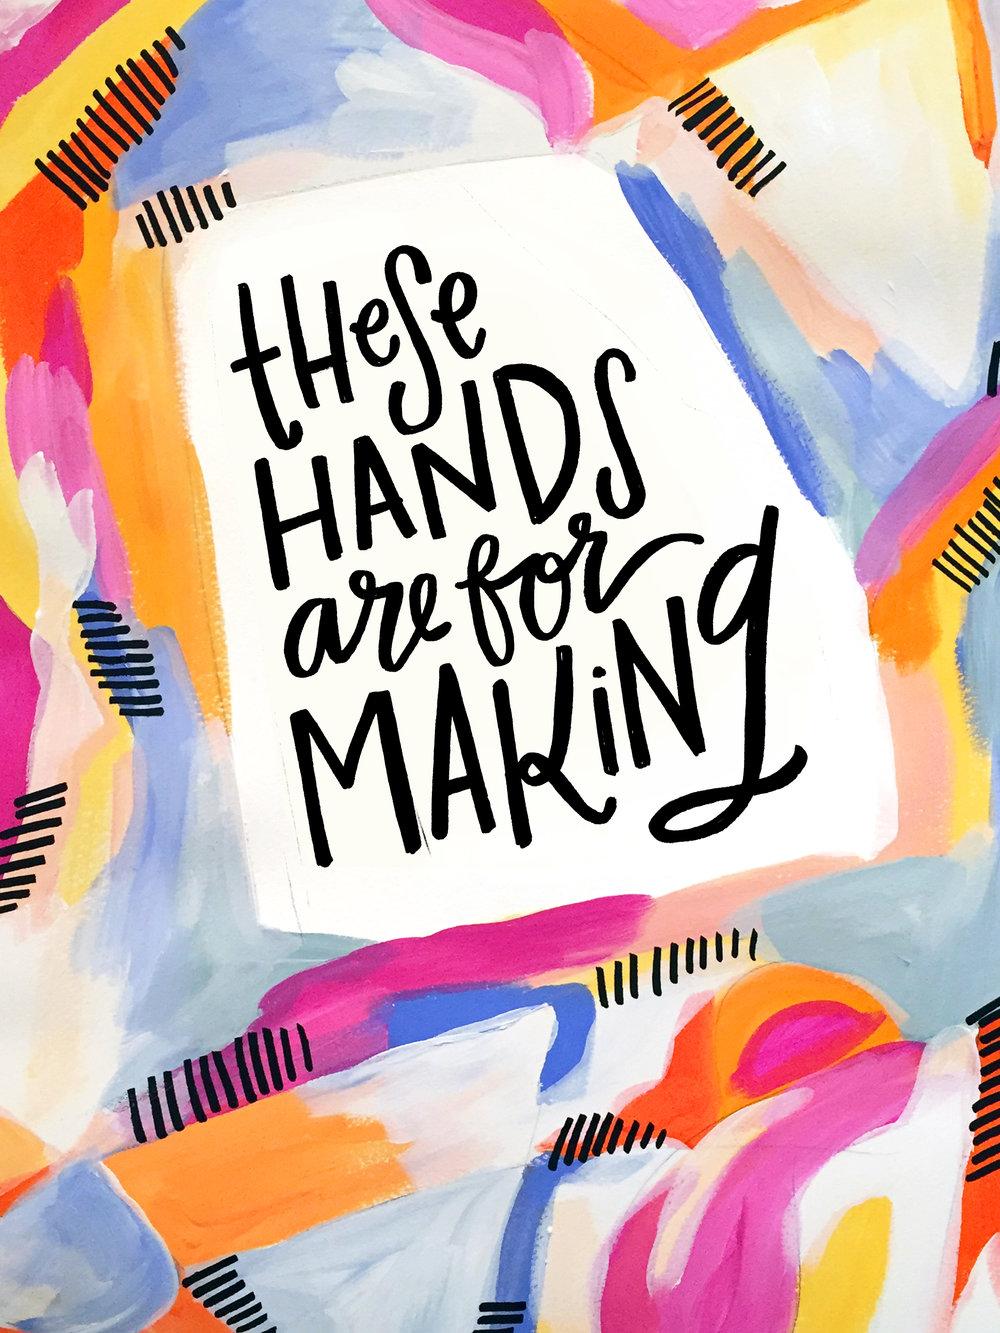 2/27/16: Hands